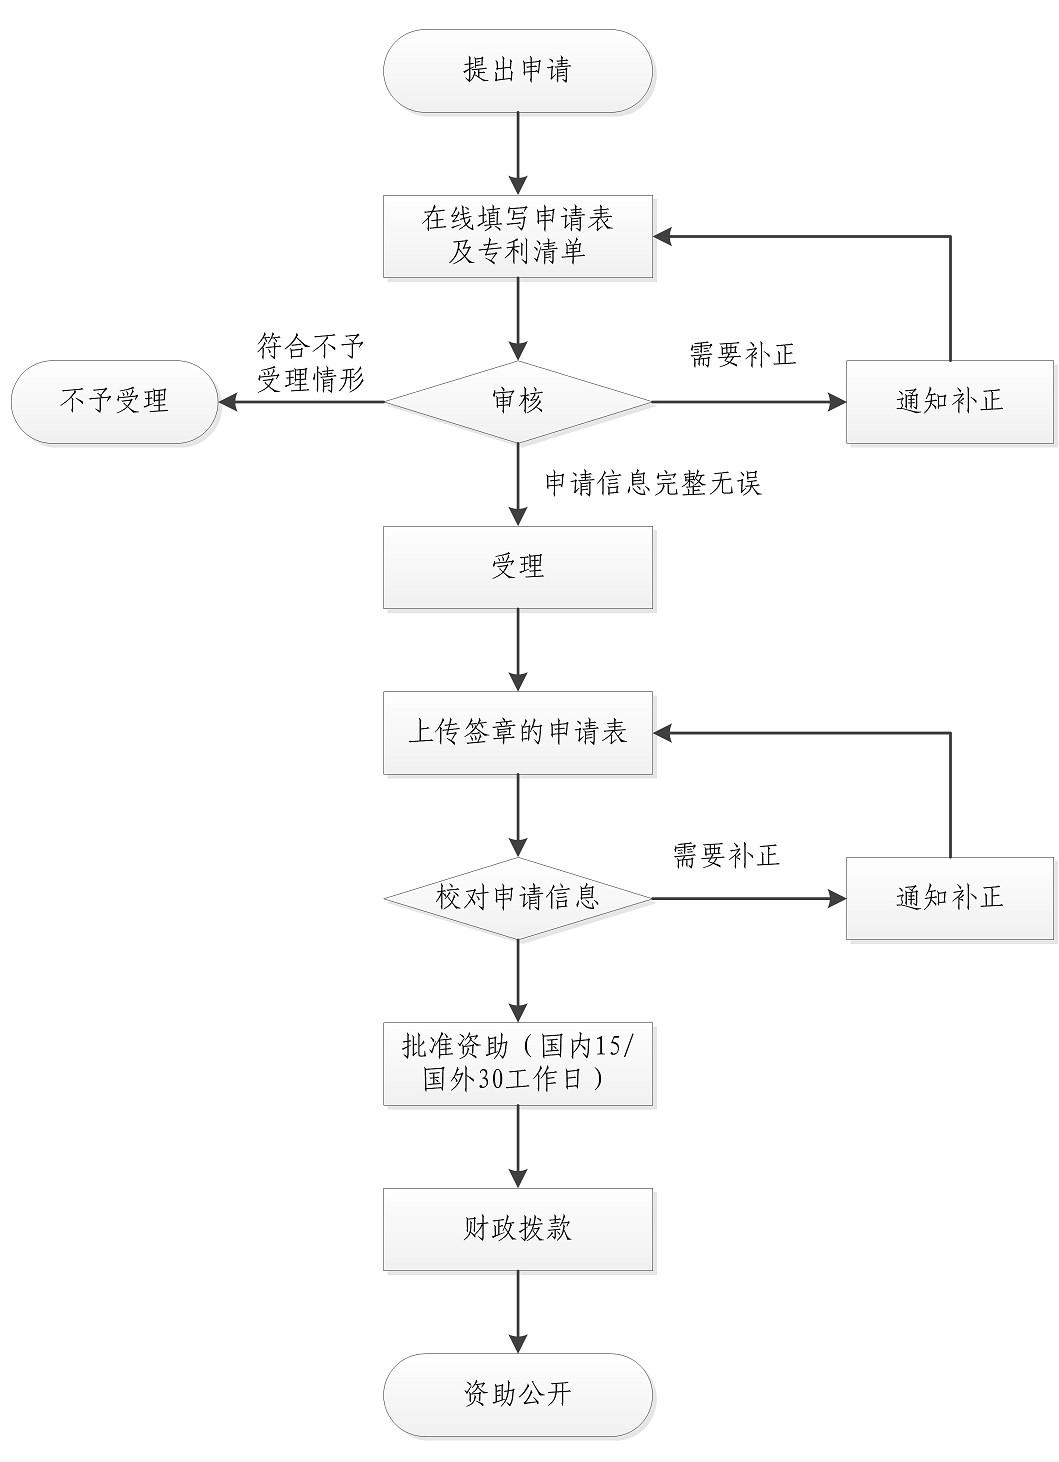 2019.7.1日起施行新《上海市专利一般资助申请指南》(全文)